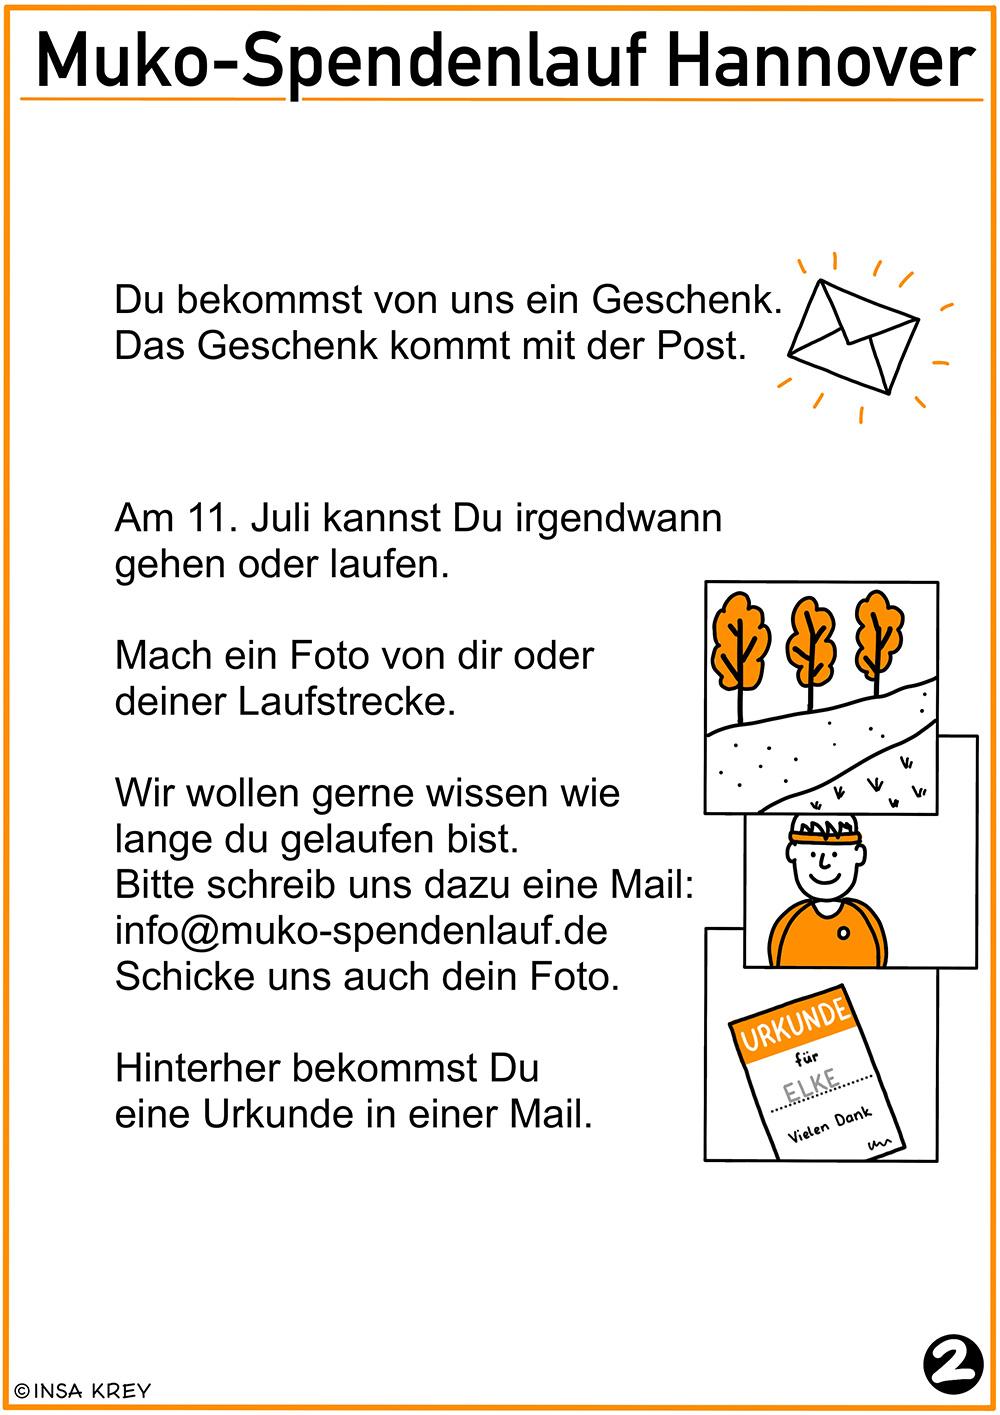 Texte und Bilder in einfacher Sprache zum Muko-Lauf Hannover - Ablauf